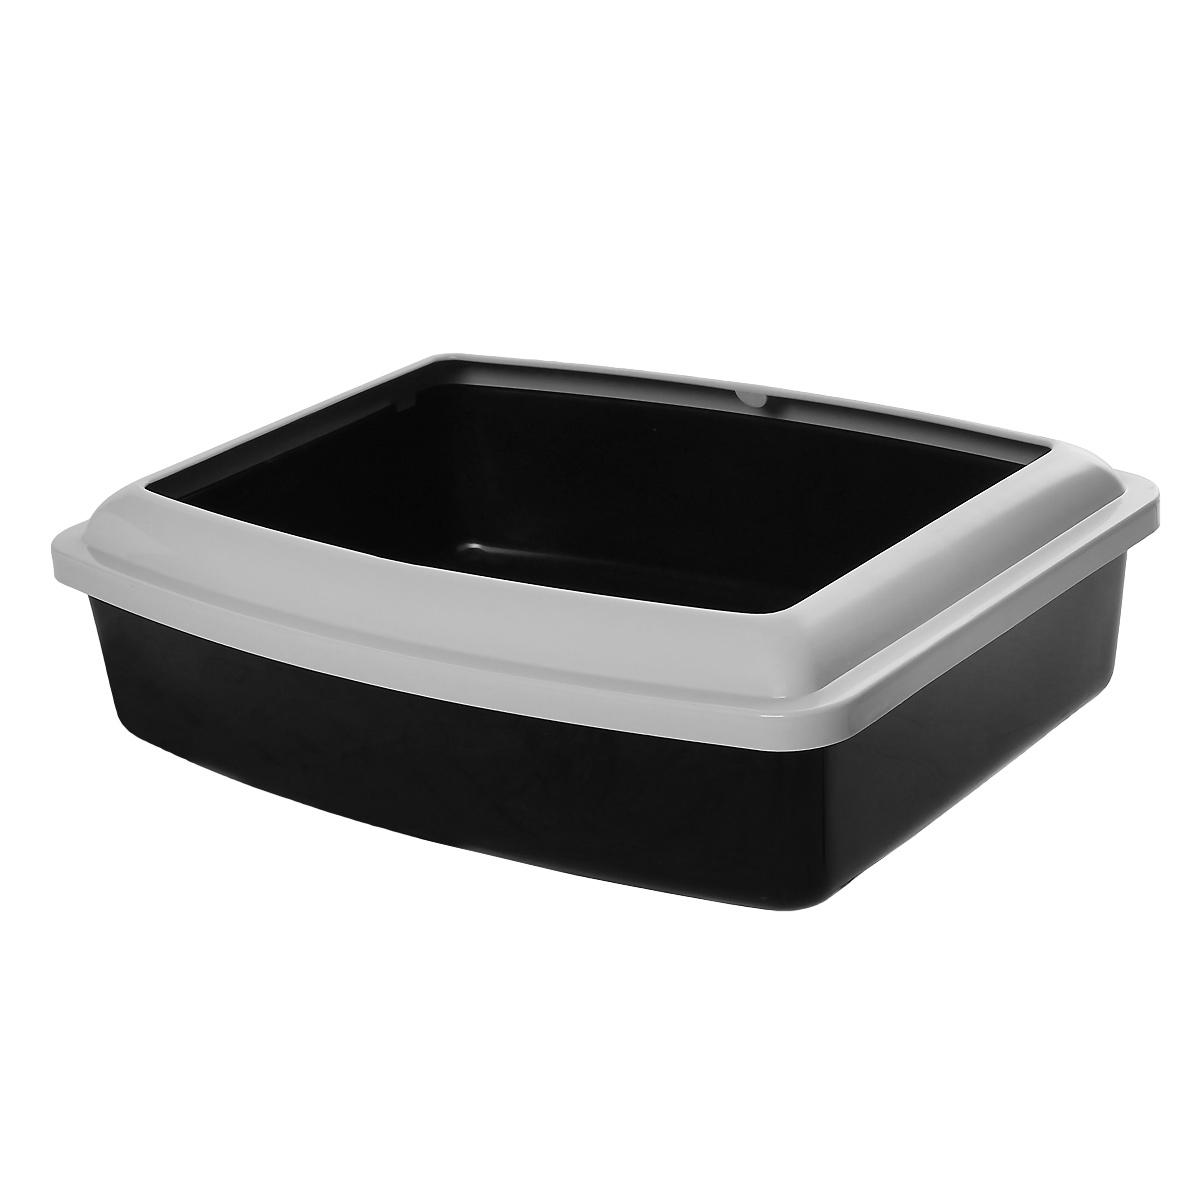 Туалет для кошек Savic Oval Trey Medium, с бортом, цвет: черный, серый, 42 см х 33 см0120710Туалет для кошек Savic Oval Trey Medium изготовлен из качественного прочного пластика. Высокий цветной борт, прикрепленный по периметру лотка, удобно защелкивается и предотвращает разбрасывание наполнителя. Это самый простой в употреблении предмет обихода для кошек и котов.